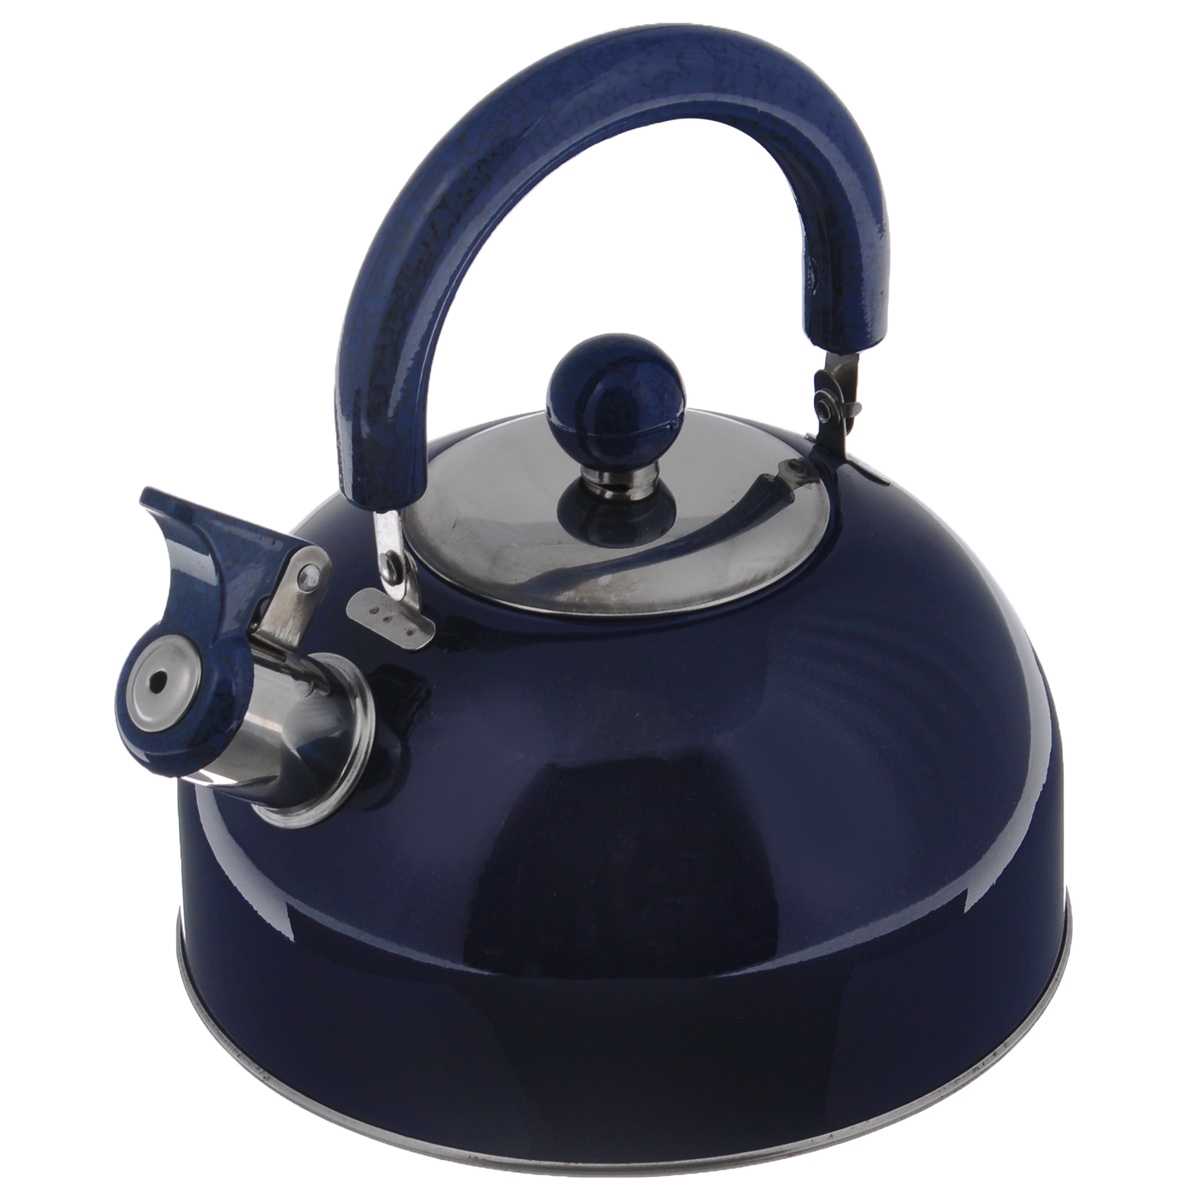 Чайник Mayer & Boch Modern со свистком, цвет: синий, 2 л. МВ-3226115510Чайник Mayer & Boch Modern изготовлен из высококачественной нержавеющей стали. Гладкая и ровная поверхность существенно облегчает уход. Чайник оснащен удобной нейлоновой ручкой, которая не нагревается даже при продолжительном периоде нагрева воды. Носик чайника имеет насадку-свисток, что позволит вам контролировать процесс подогрева или кипячения воды. Выполненный из качественных материалов чайник Mayer & Boch Modern при кипячении сохраняет все полезные свойства воды. Чайник пригоден для использования на всех типах плит, кроме индукционных. Можно мыть в посудомоечной машине.Диаметр чайника по верхнему краю: 8,5 см.Диаметр основания: 19 см.Высота чайника (без учета ручки и крышки): 10 см.УВАЖАЕМЫЕ КЛИЕНТЫ!Обращаем ваше внимание на тот факт, что указан максимальный объем чайника с учетом полного наполнения до кромки. Объем чайника с учетом наполнения до уровня носика составляет 1,5 литра.